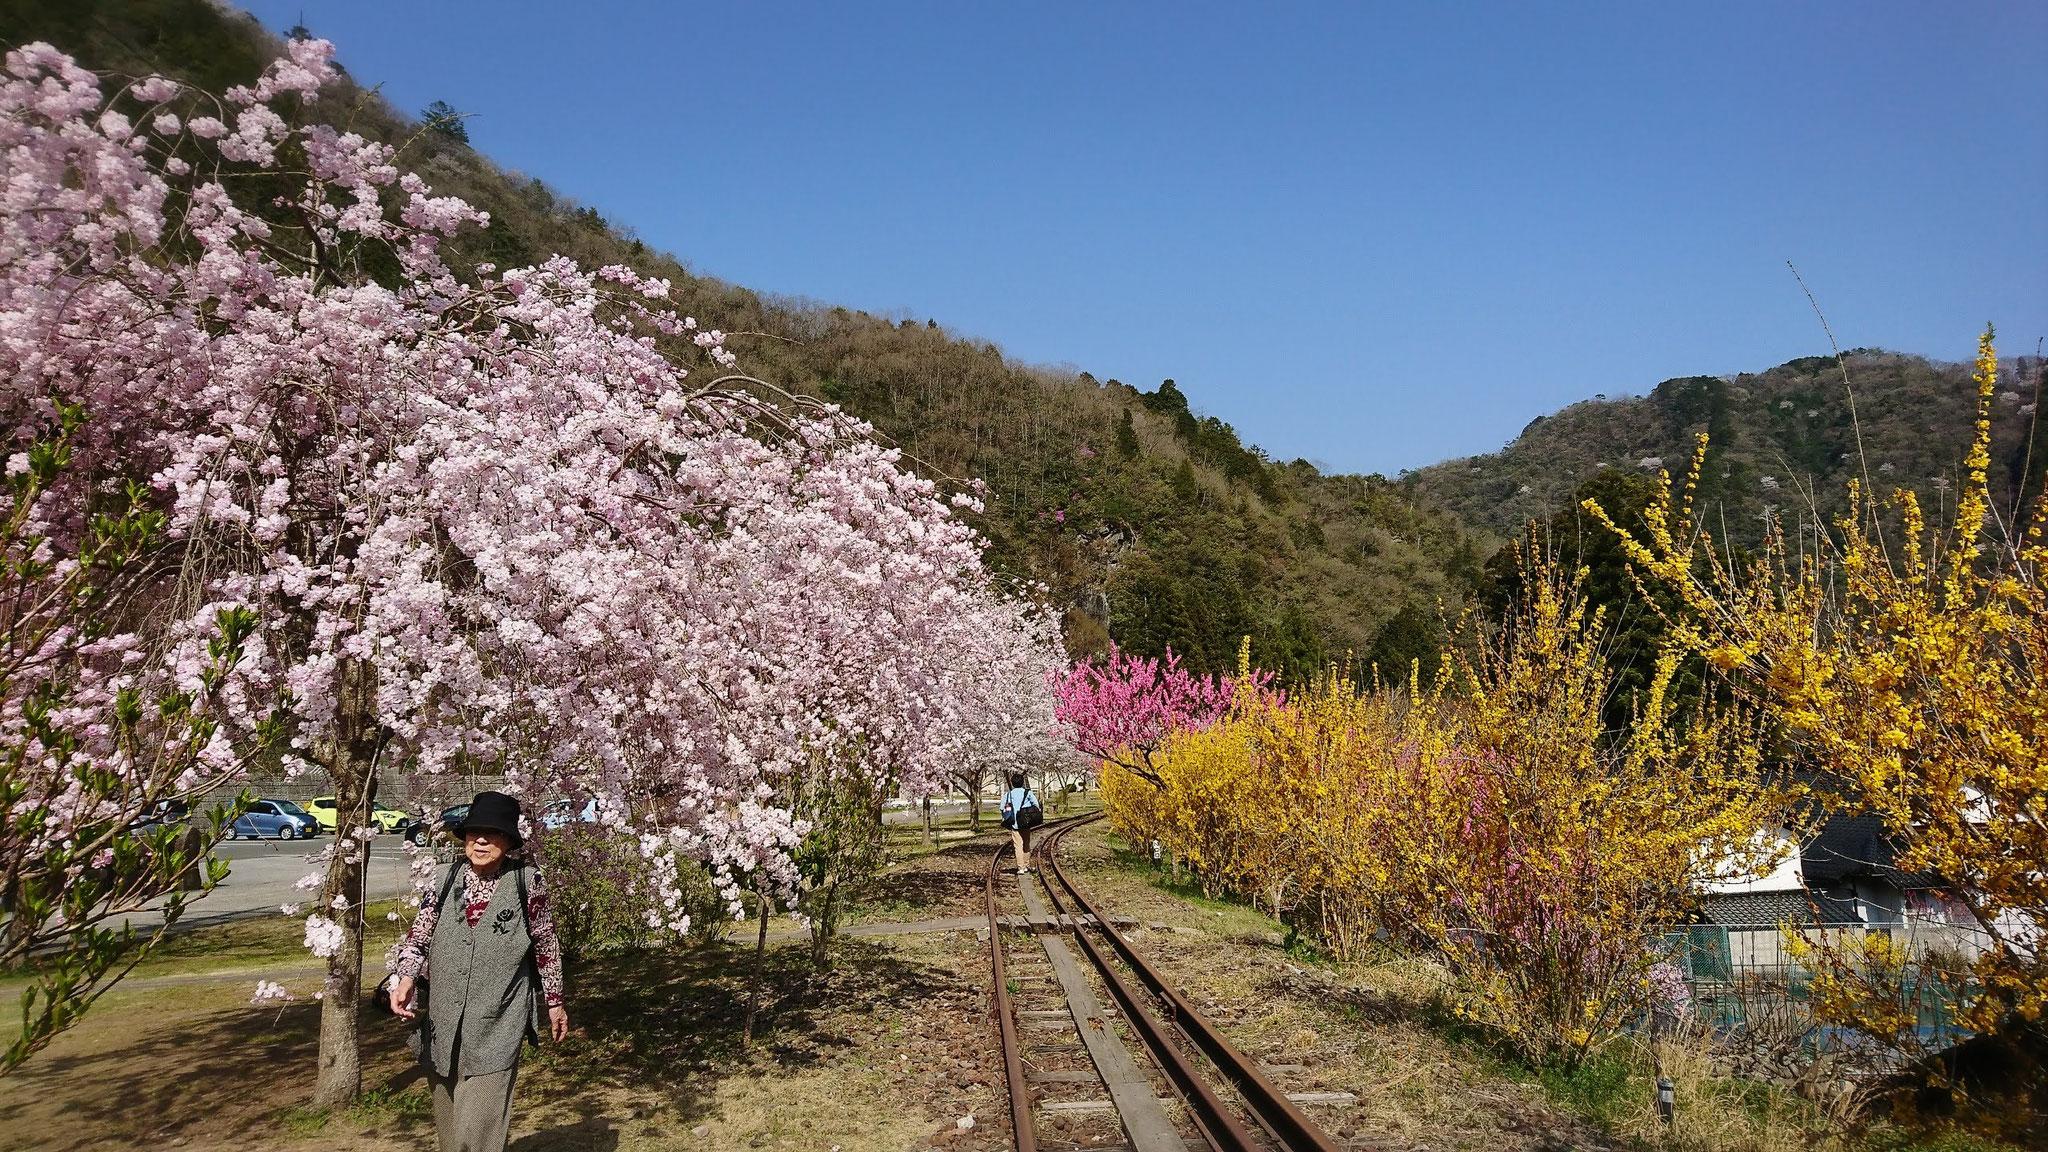 枝垂桜のアーチ 風に舞い散る花弁をかいくぐる 夢のよう…